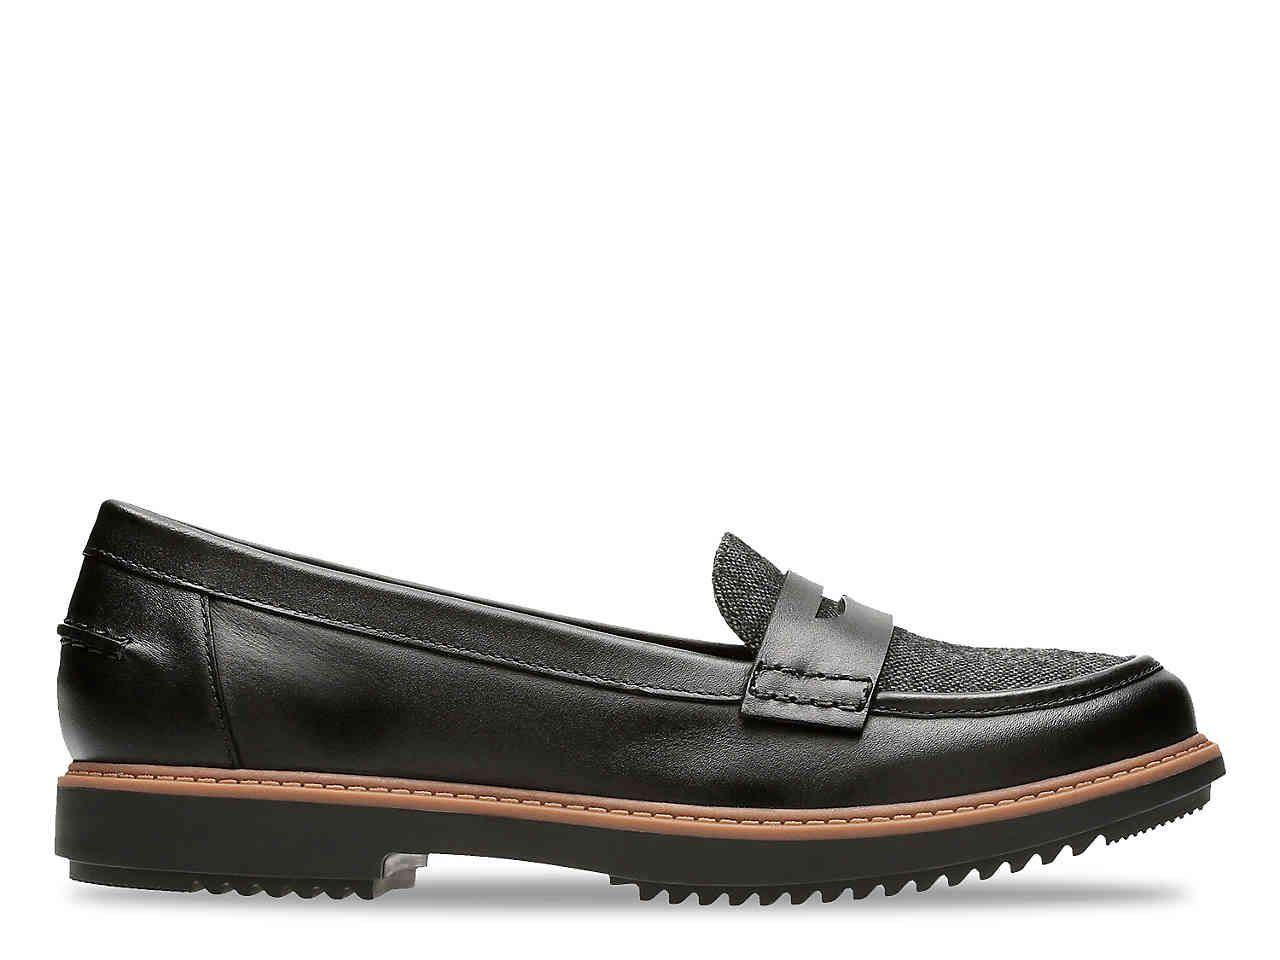 Clarks Raisie Eletta Loafer | Loafers